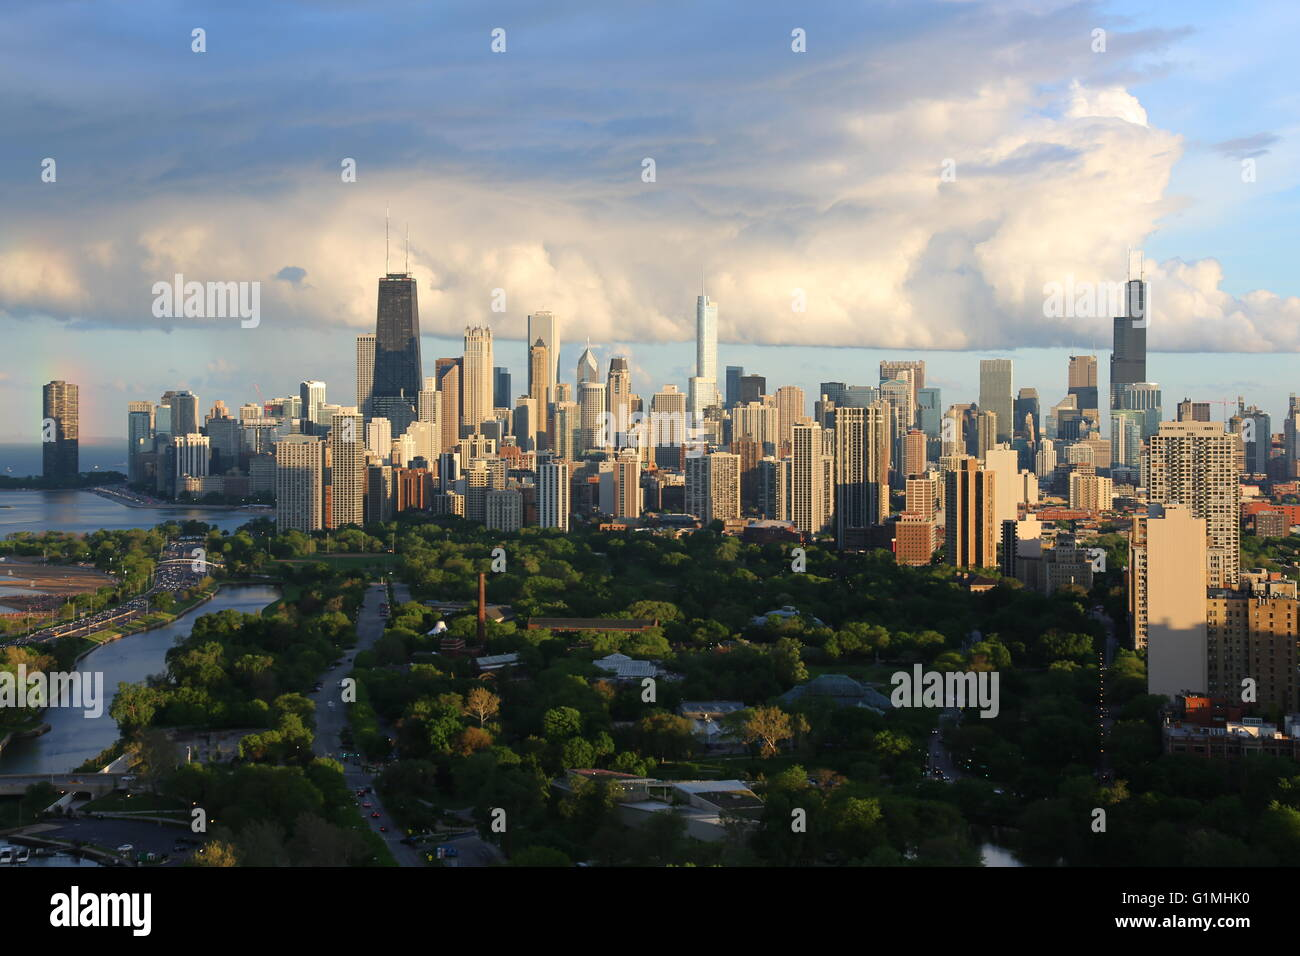 Ciudad de Chicago en el verano Imagen De Stock